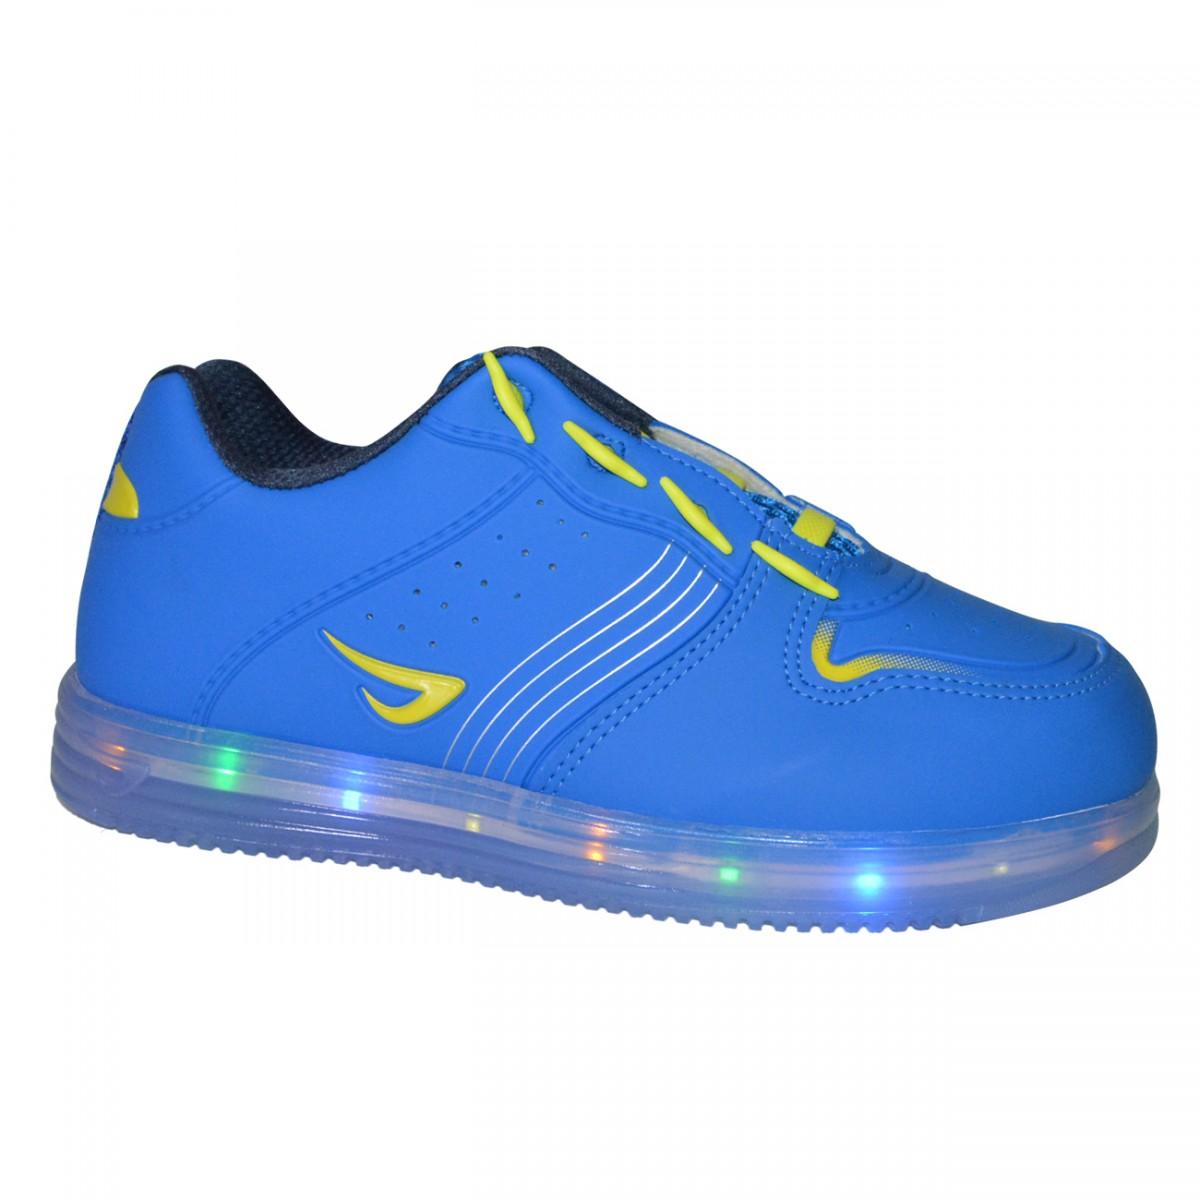 d2699f0a0ca Tenis Ortope Estica e Puxa C Luzinha Juvenil 22210001 - Royal Amarelo - Chuteira  Nike